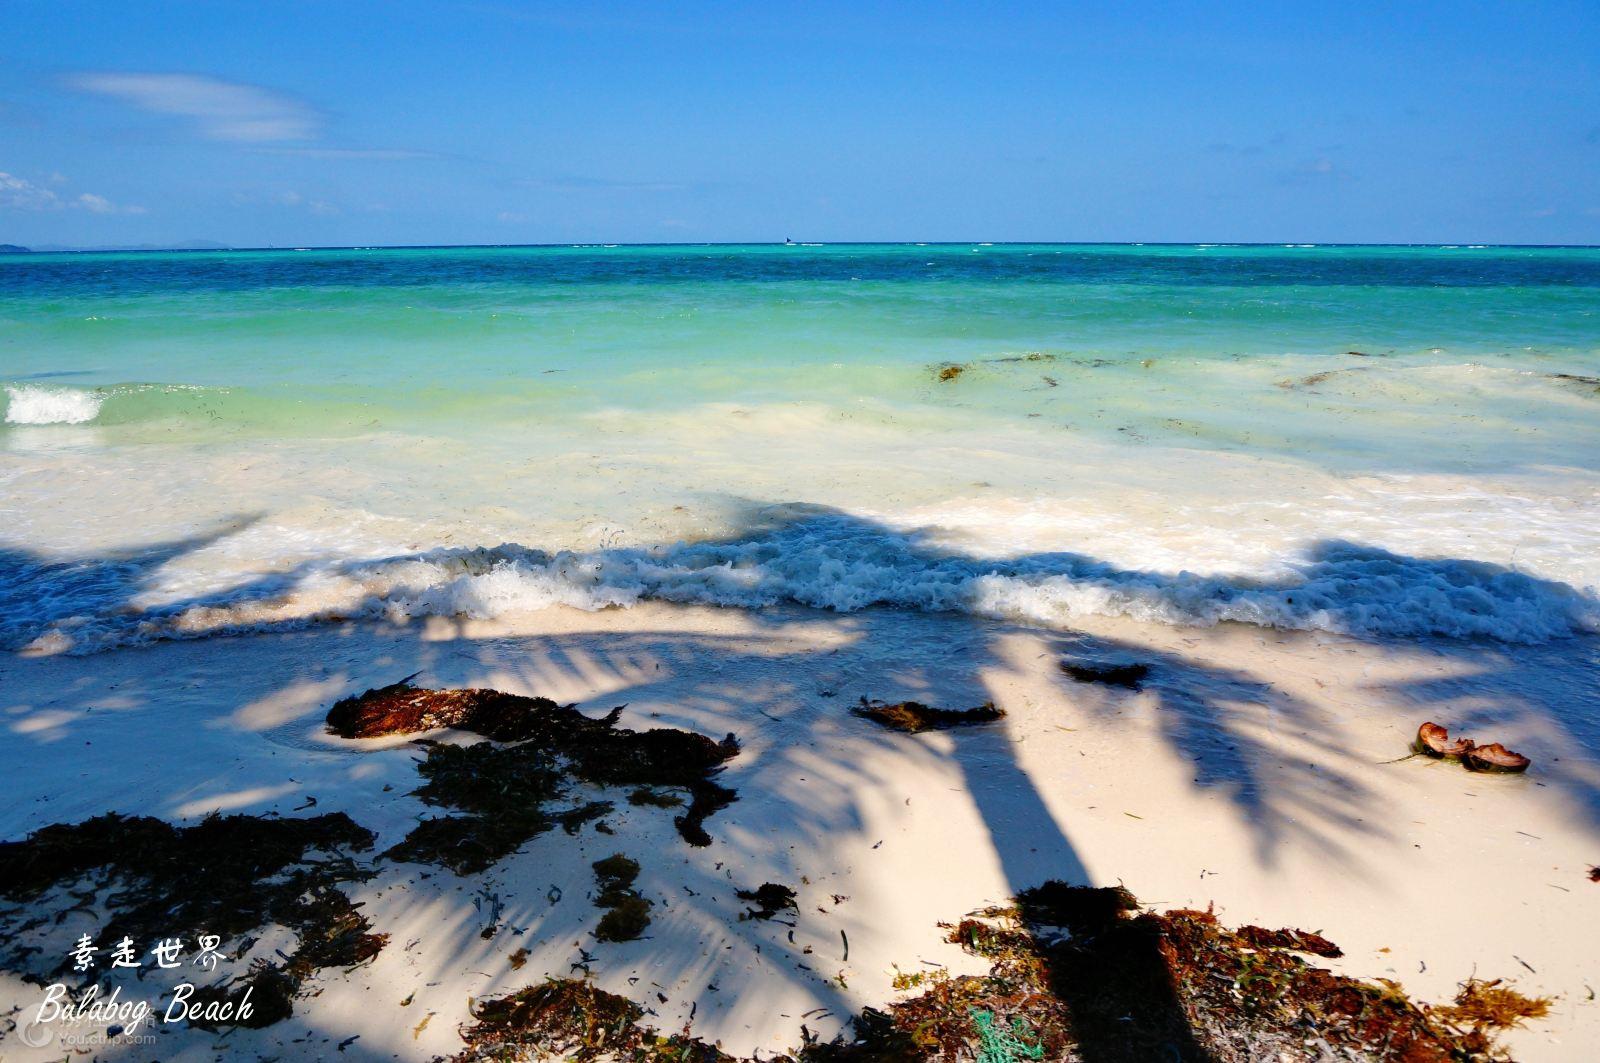 菲律宾长滩岛7日6晚半自助游·直飞★列岛游★悬崖